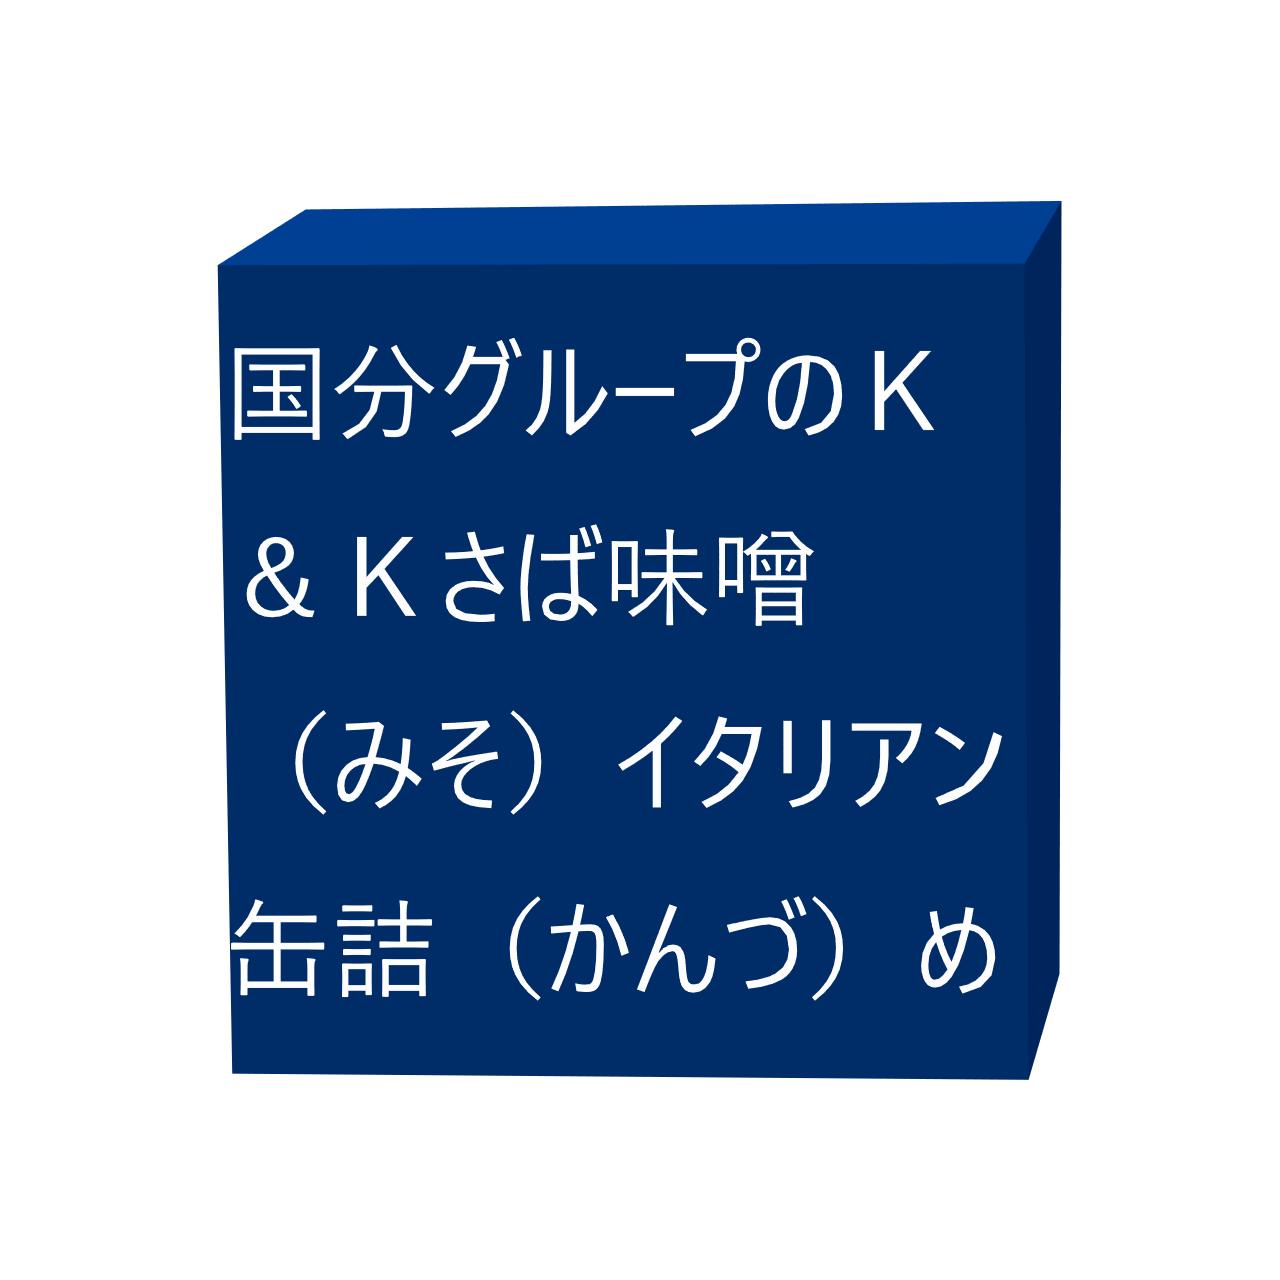 国分グループのK&Kさば味噌(みそ)イタリアン缶詰(かんづ)めの側面(そくめん)や、底面(ていめん)、お問合(といあわ)せなどにかかる画像(がぞう)